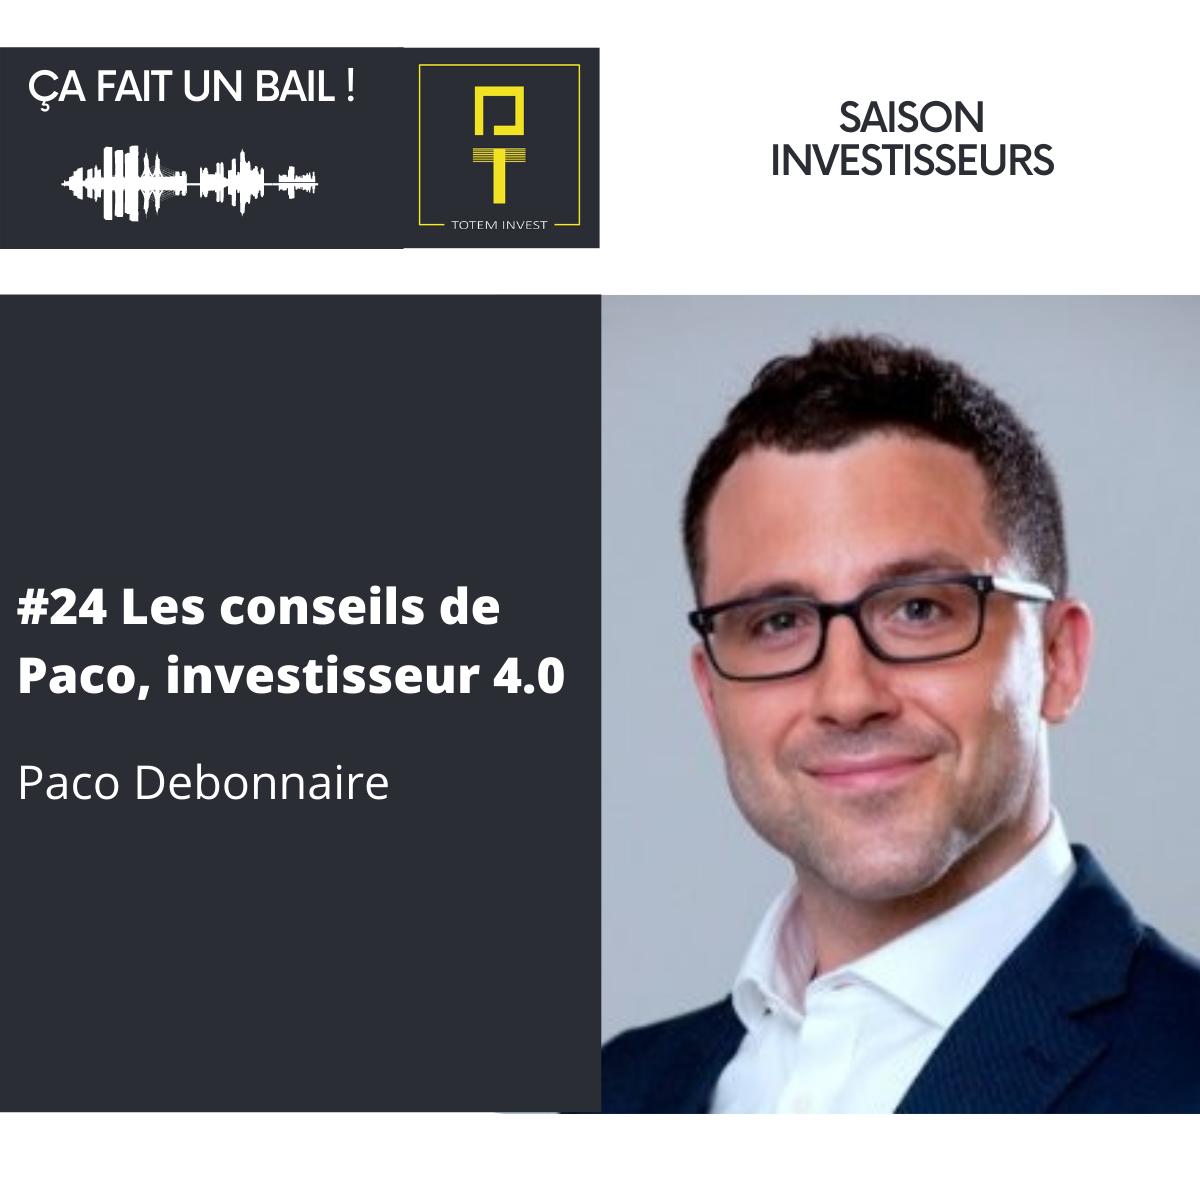 Paco Podcast ÇA FAIT UN BAIL